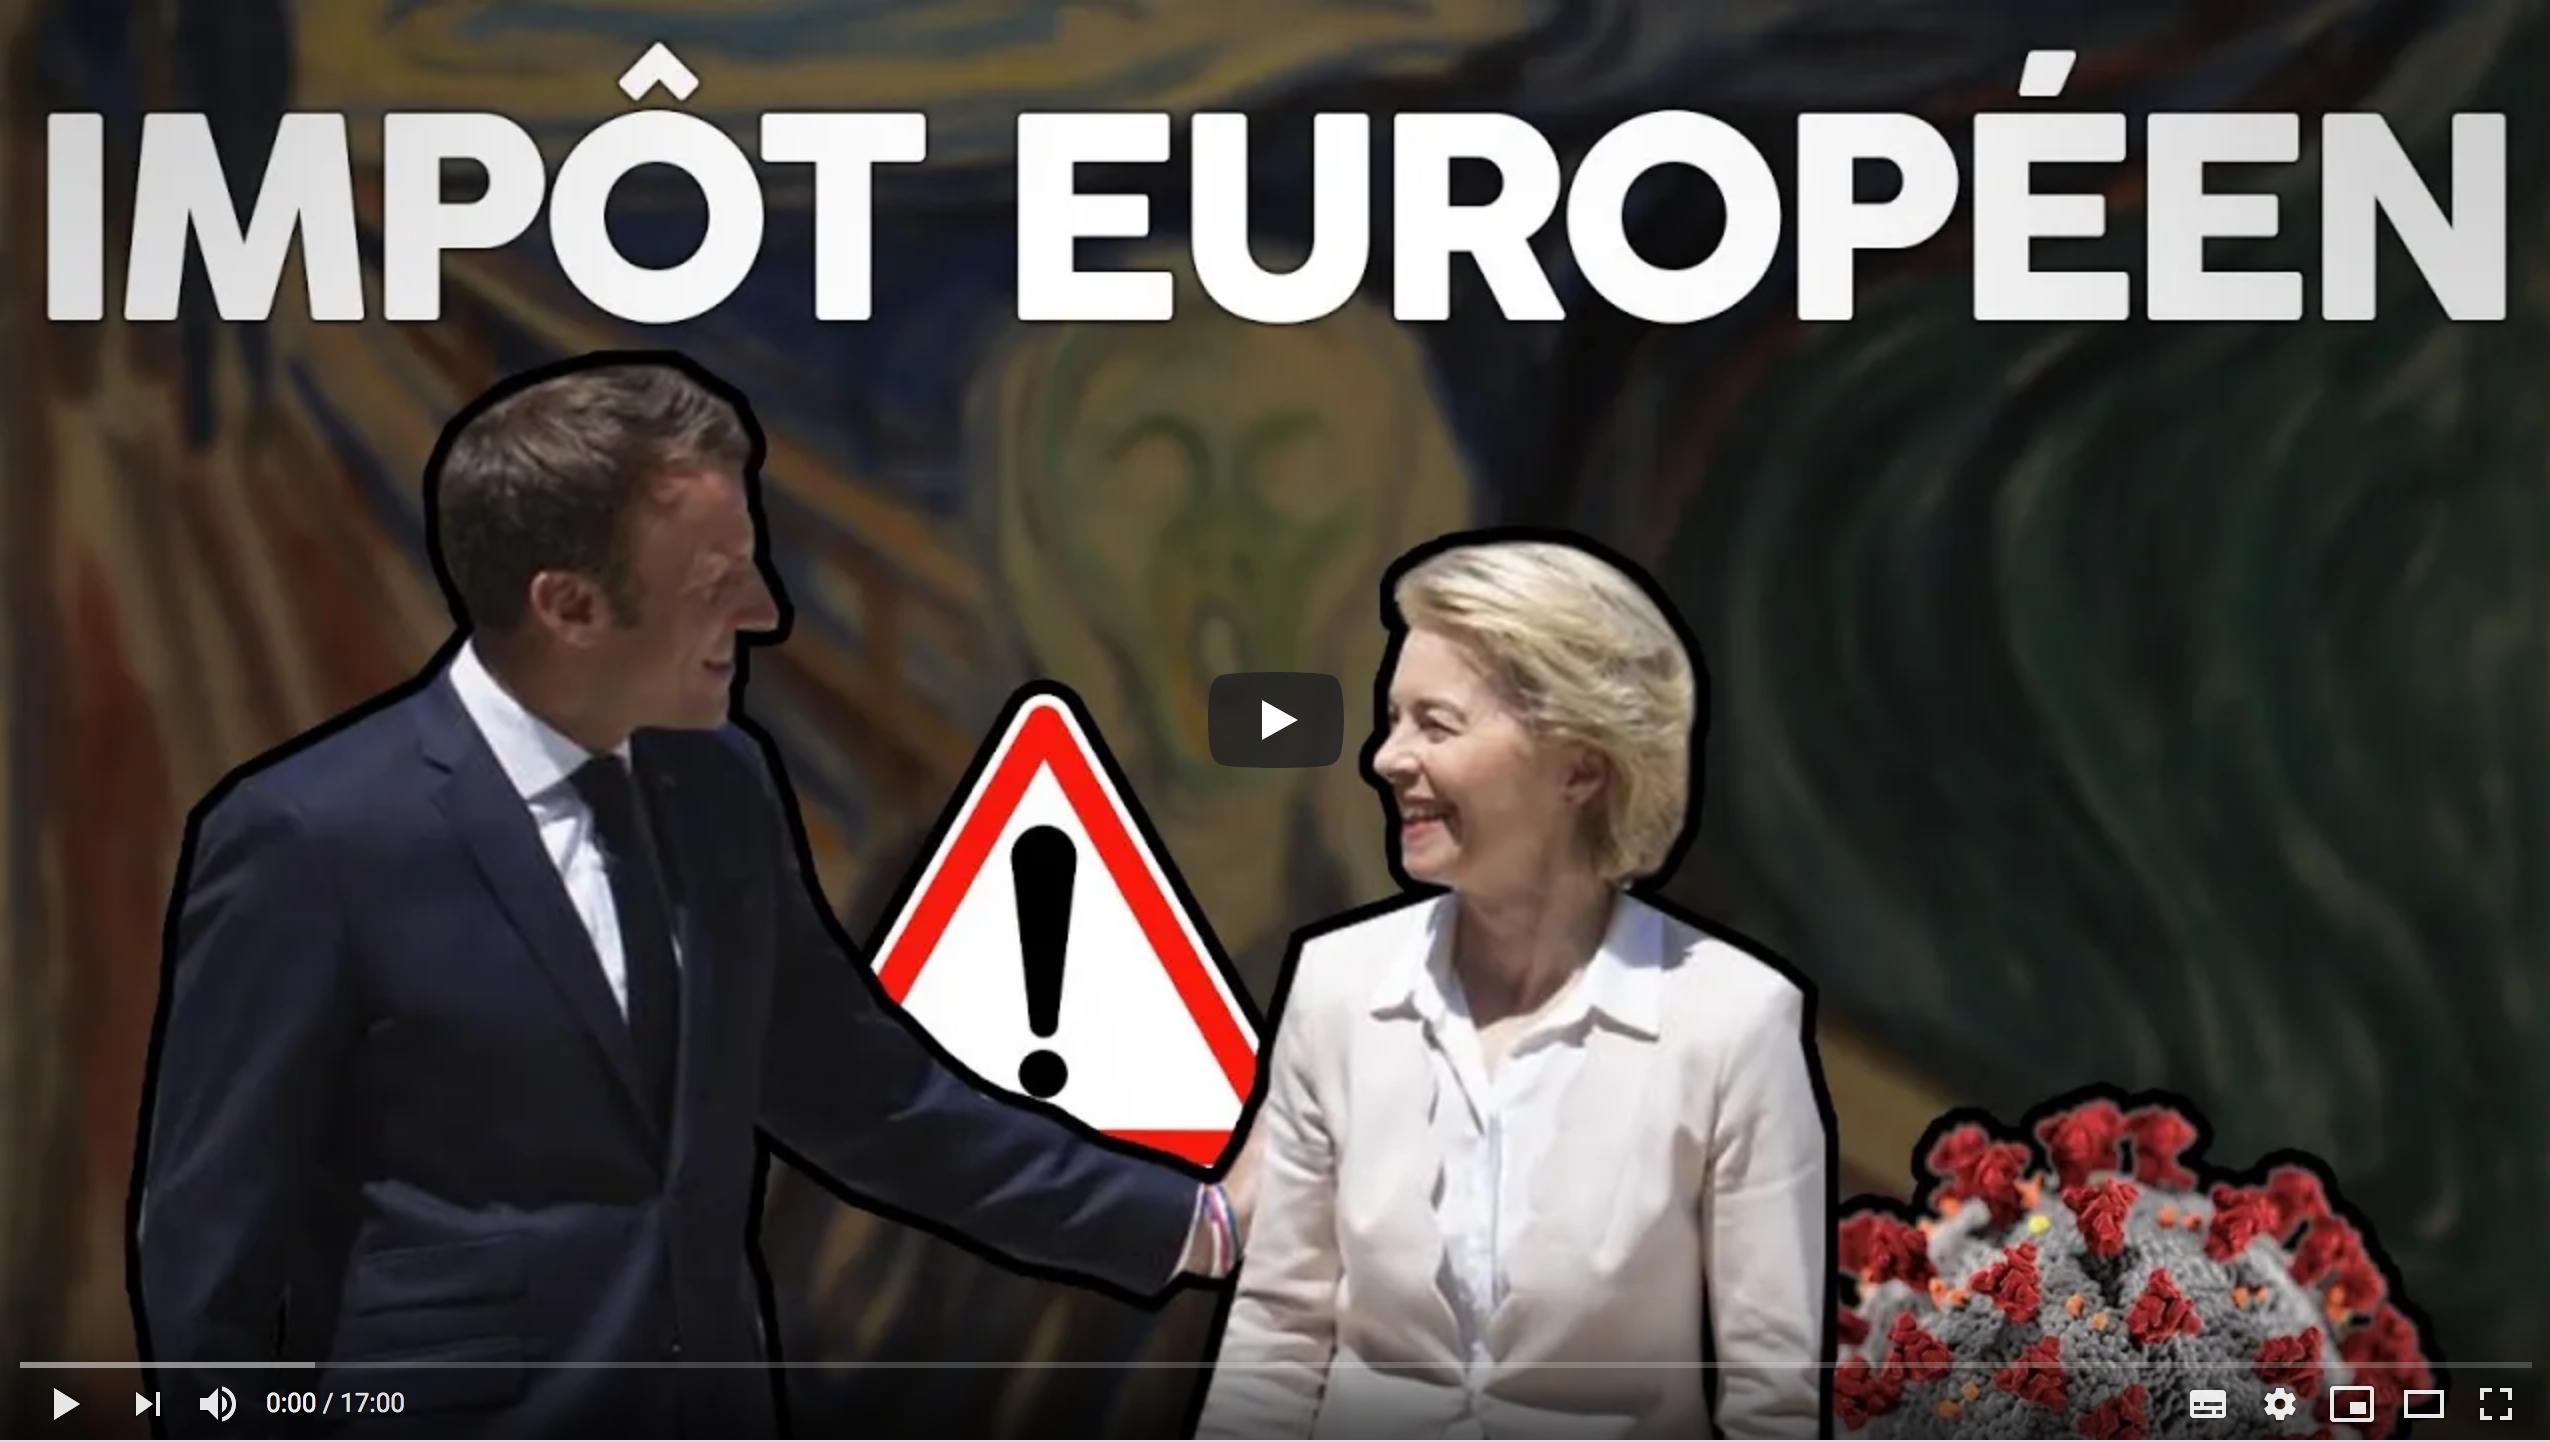 Ils profitent du coronavirus pour imposer l'impôt européen ! (Florian Philippot)